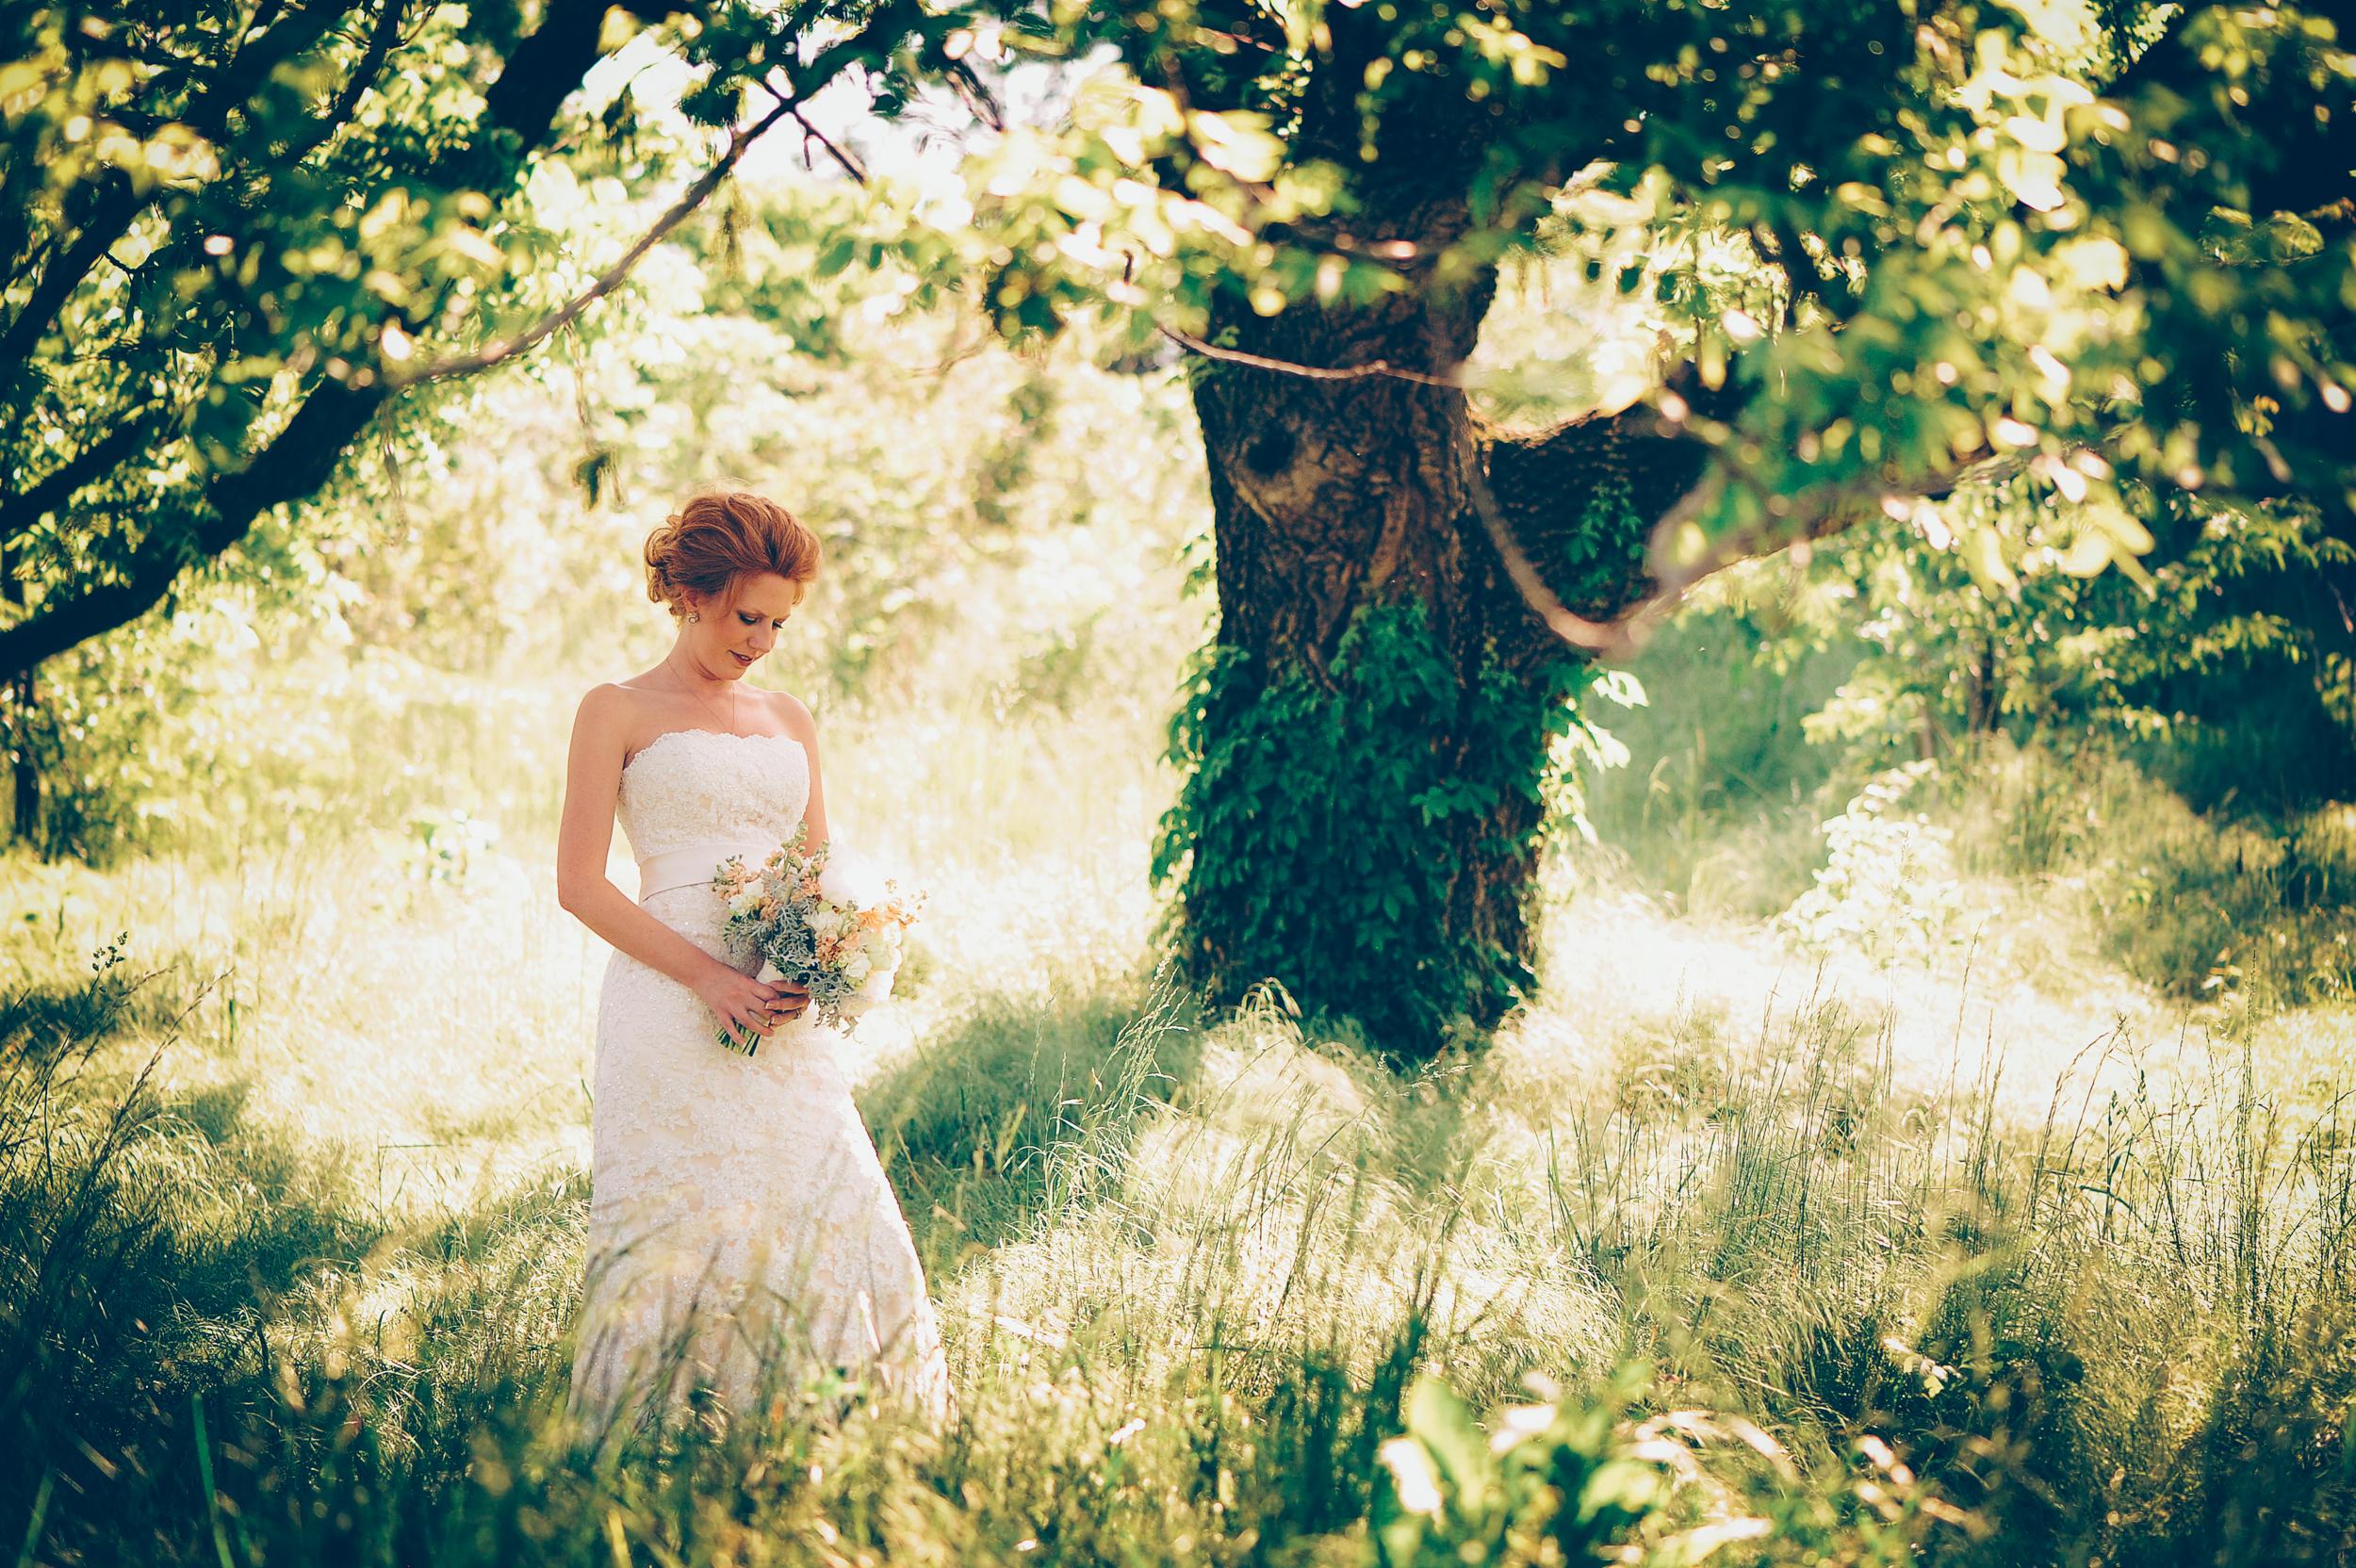 bridals©2015mileswittboyer-11.jpg